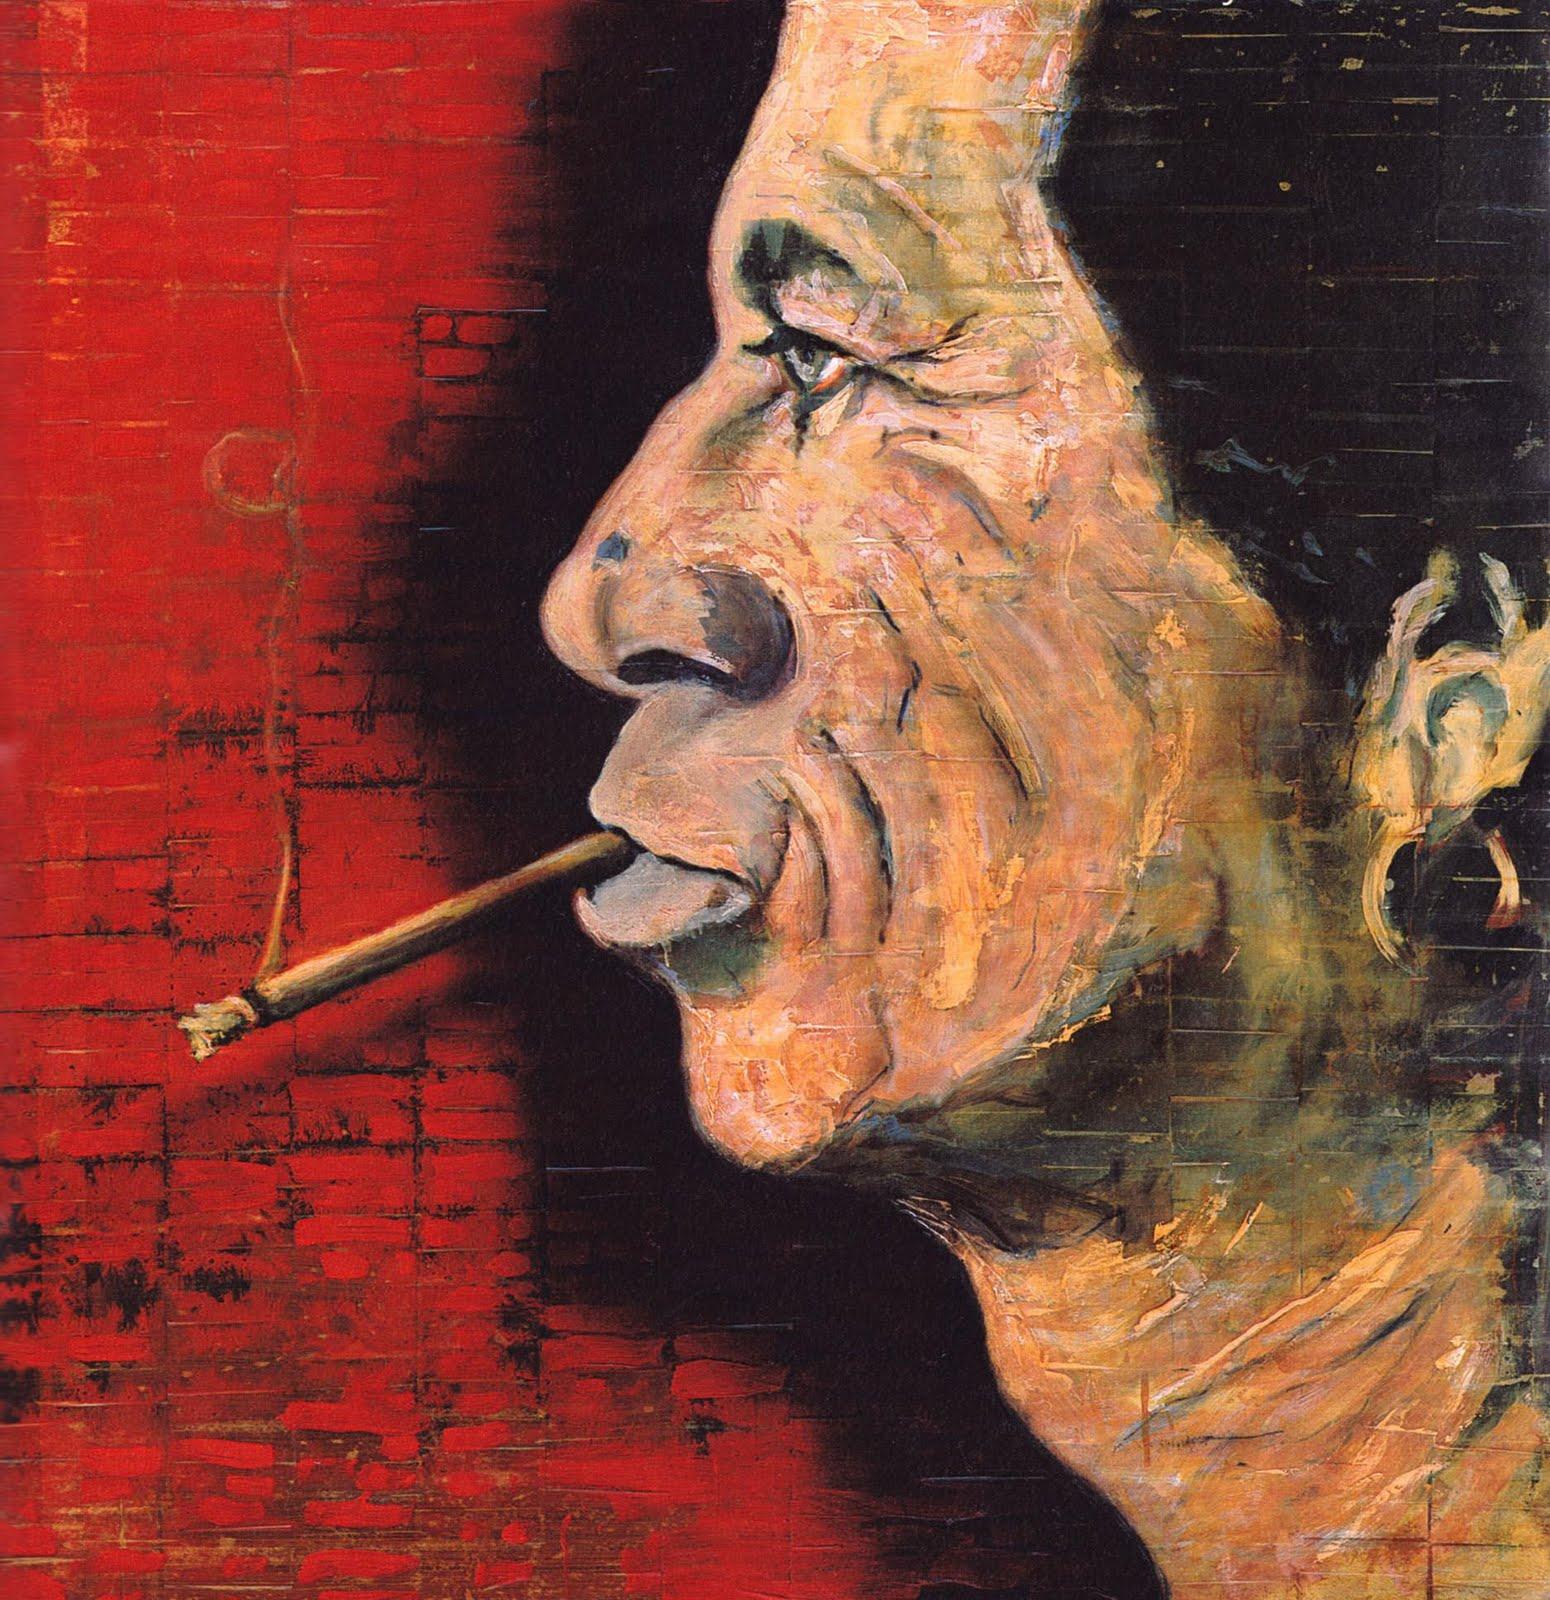 """Johnny Depp: Es el actor fetiche de Tim Burton y músico mucho antes de ser actor. Pero también es un pintor de estimable talento, muy influido por el expresionismo abstracto, aunque su estilo no puede encasillarse en una sola corriente. Es conocido sobre todo por sus habilidades como retratista: """"Lo que me encanta es pintar los rostros de las personas"""", ha dicho. Su obra pictórica incluye a personajes como el actor y dramaturgo Antonin Artaud y amigos como Keith Richards, Julian Schnabel, Marlon Brando o, cómo no, él mismo y su familia."""